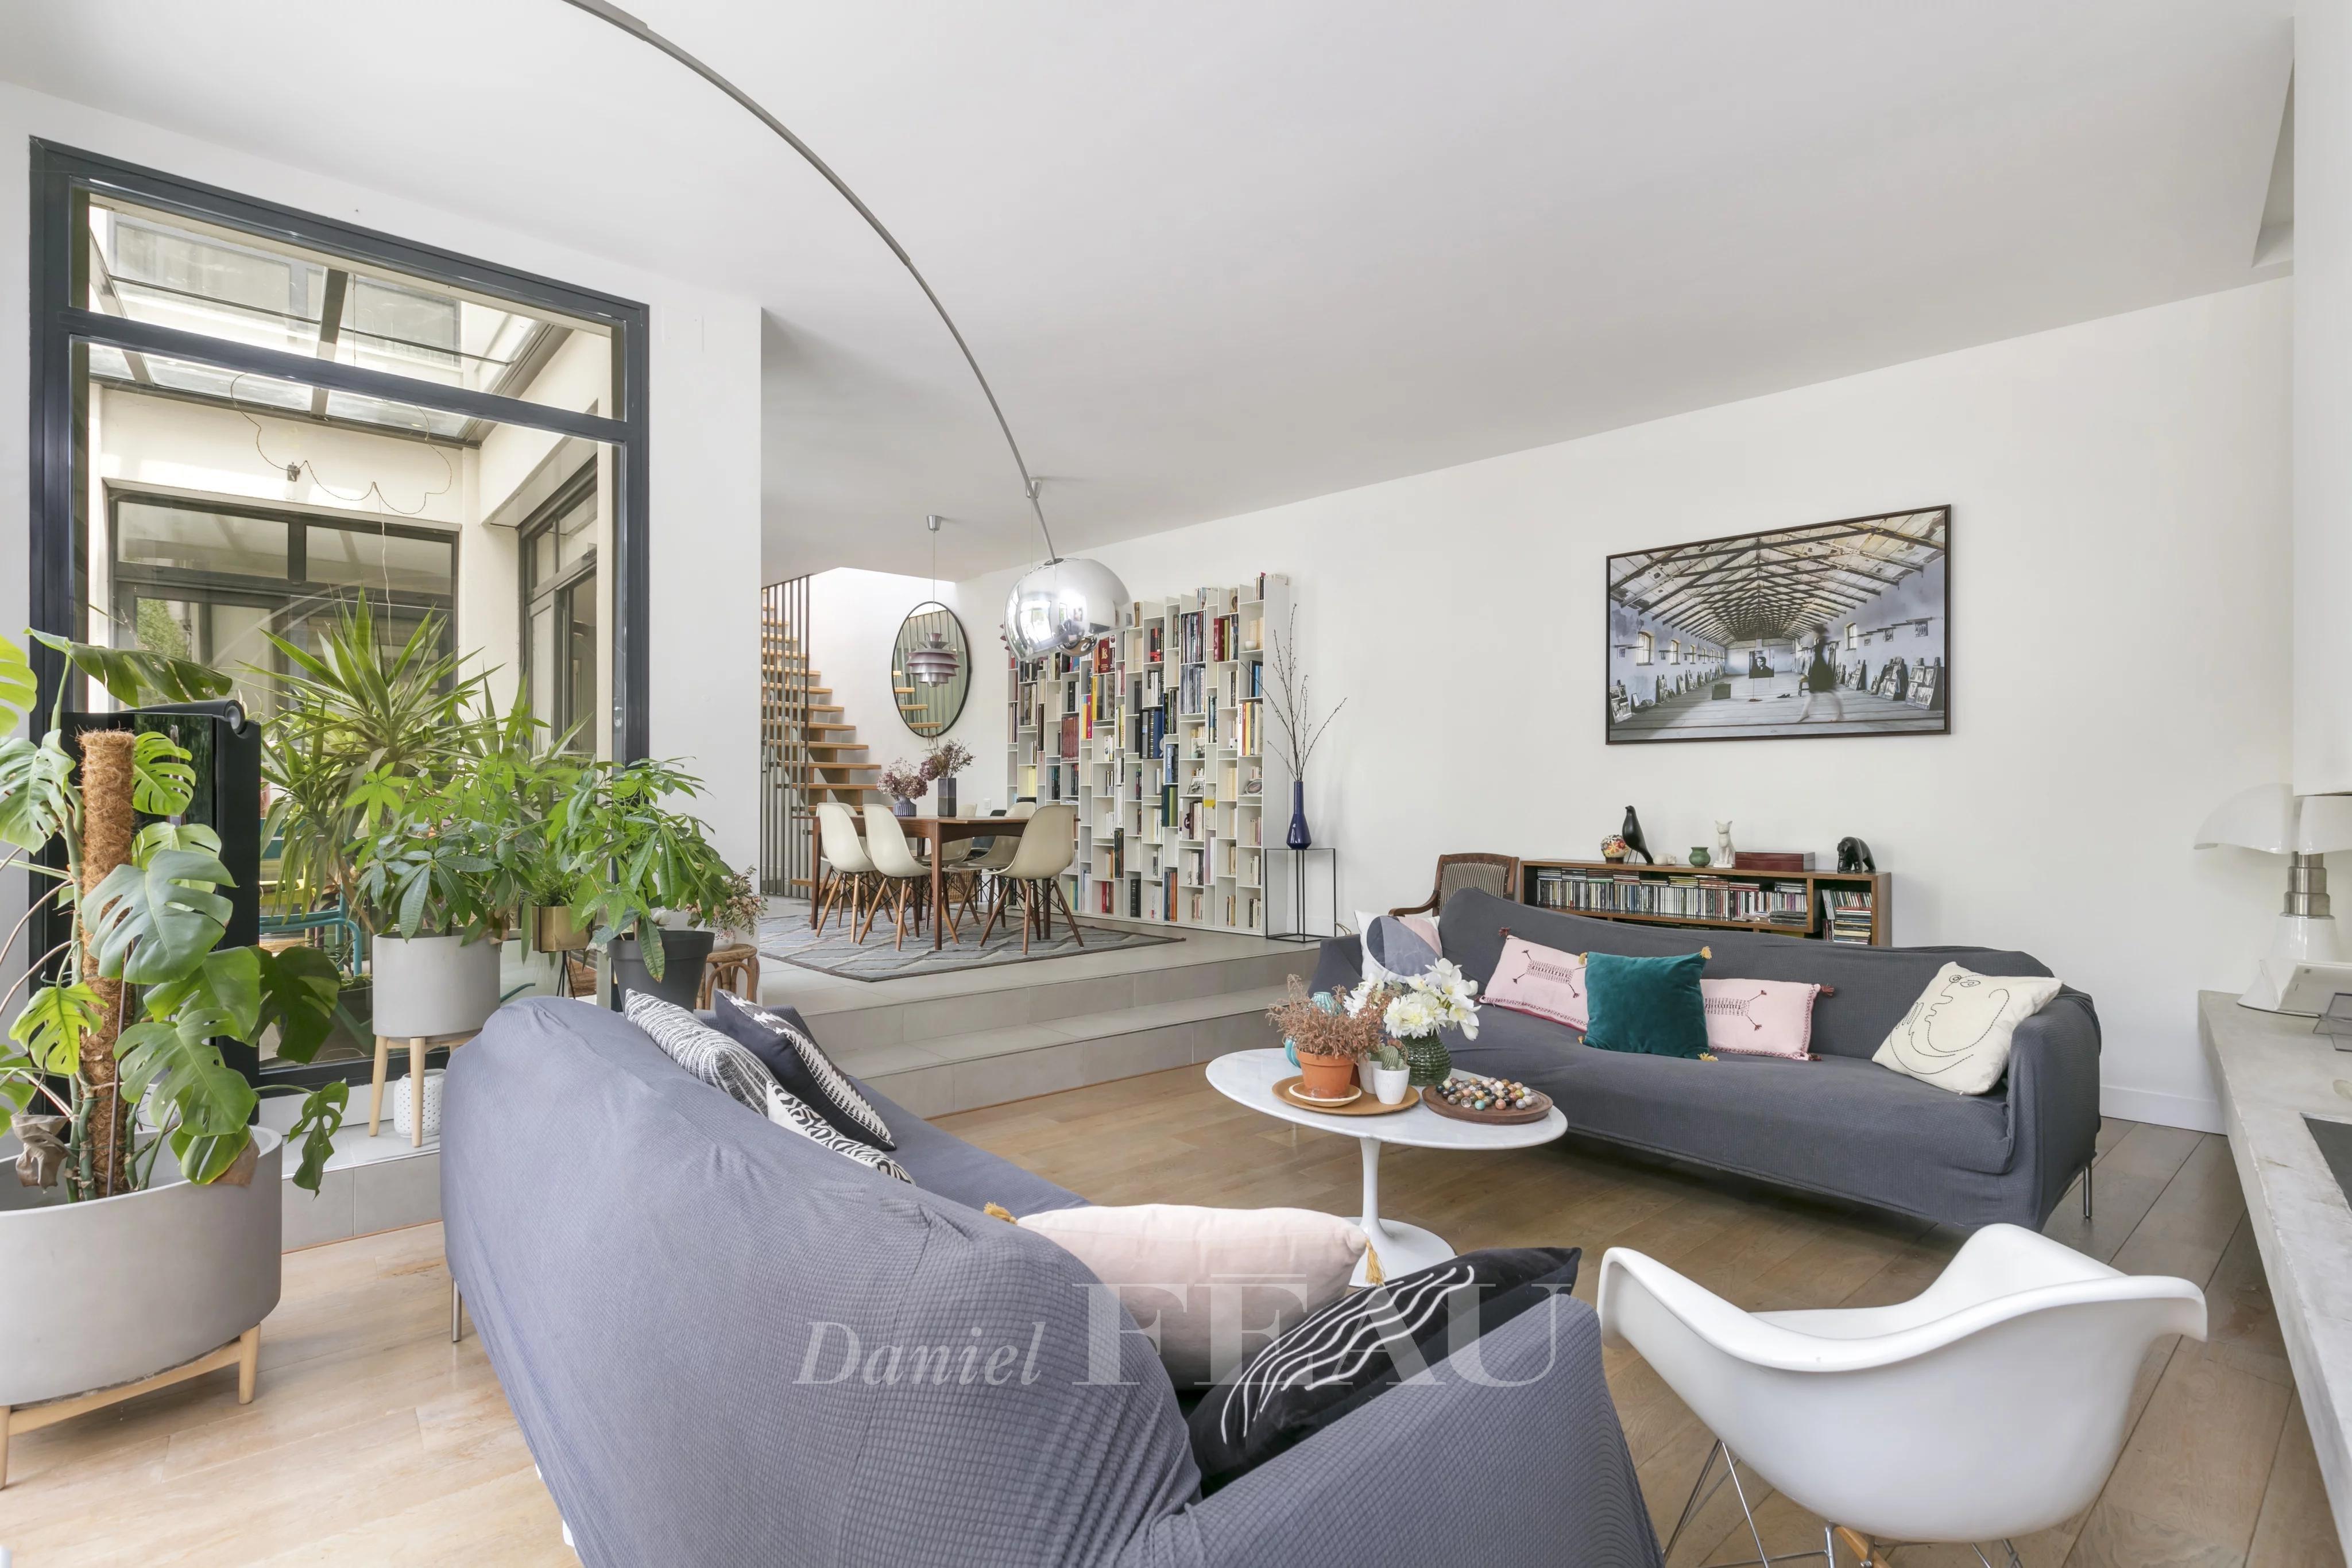 Maison a vendre boulogne-billancourt - 10 pièce(s) - 275 m2 - Surfyn